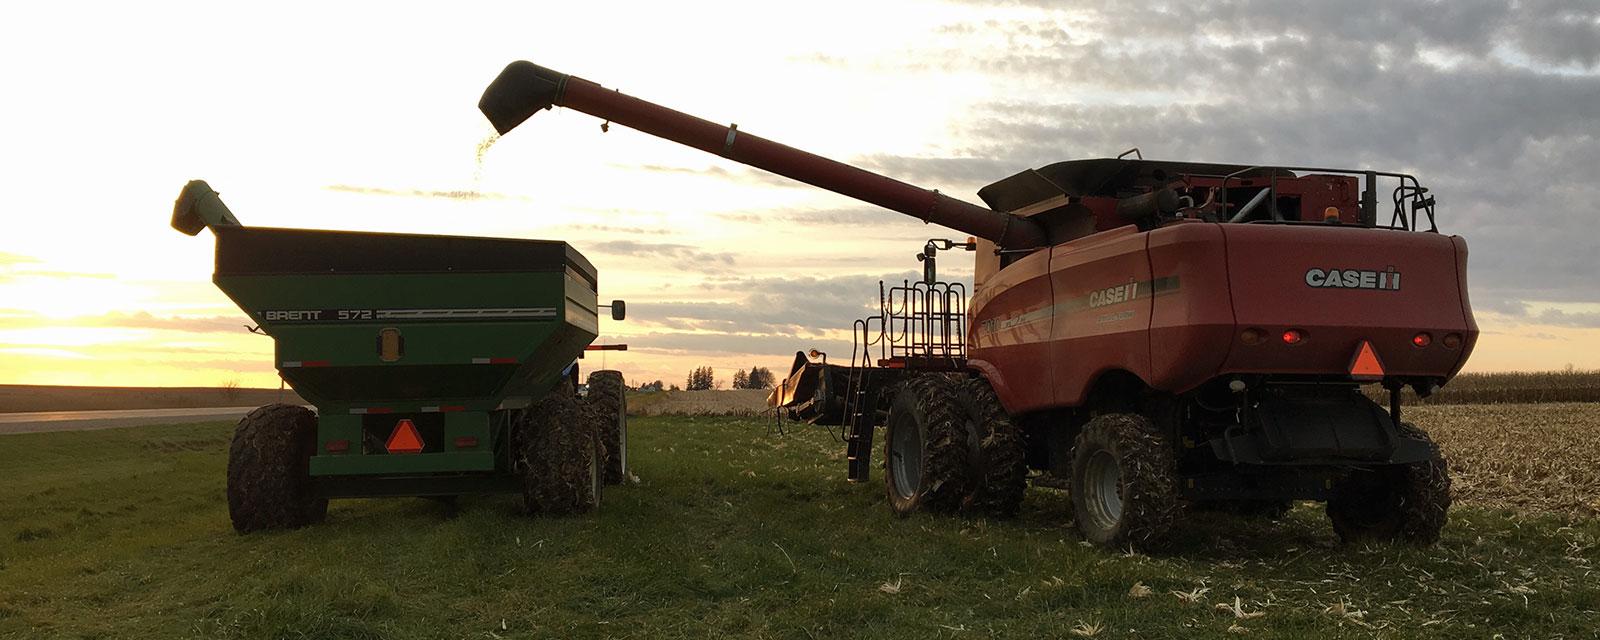 Grain truck and combine